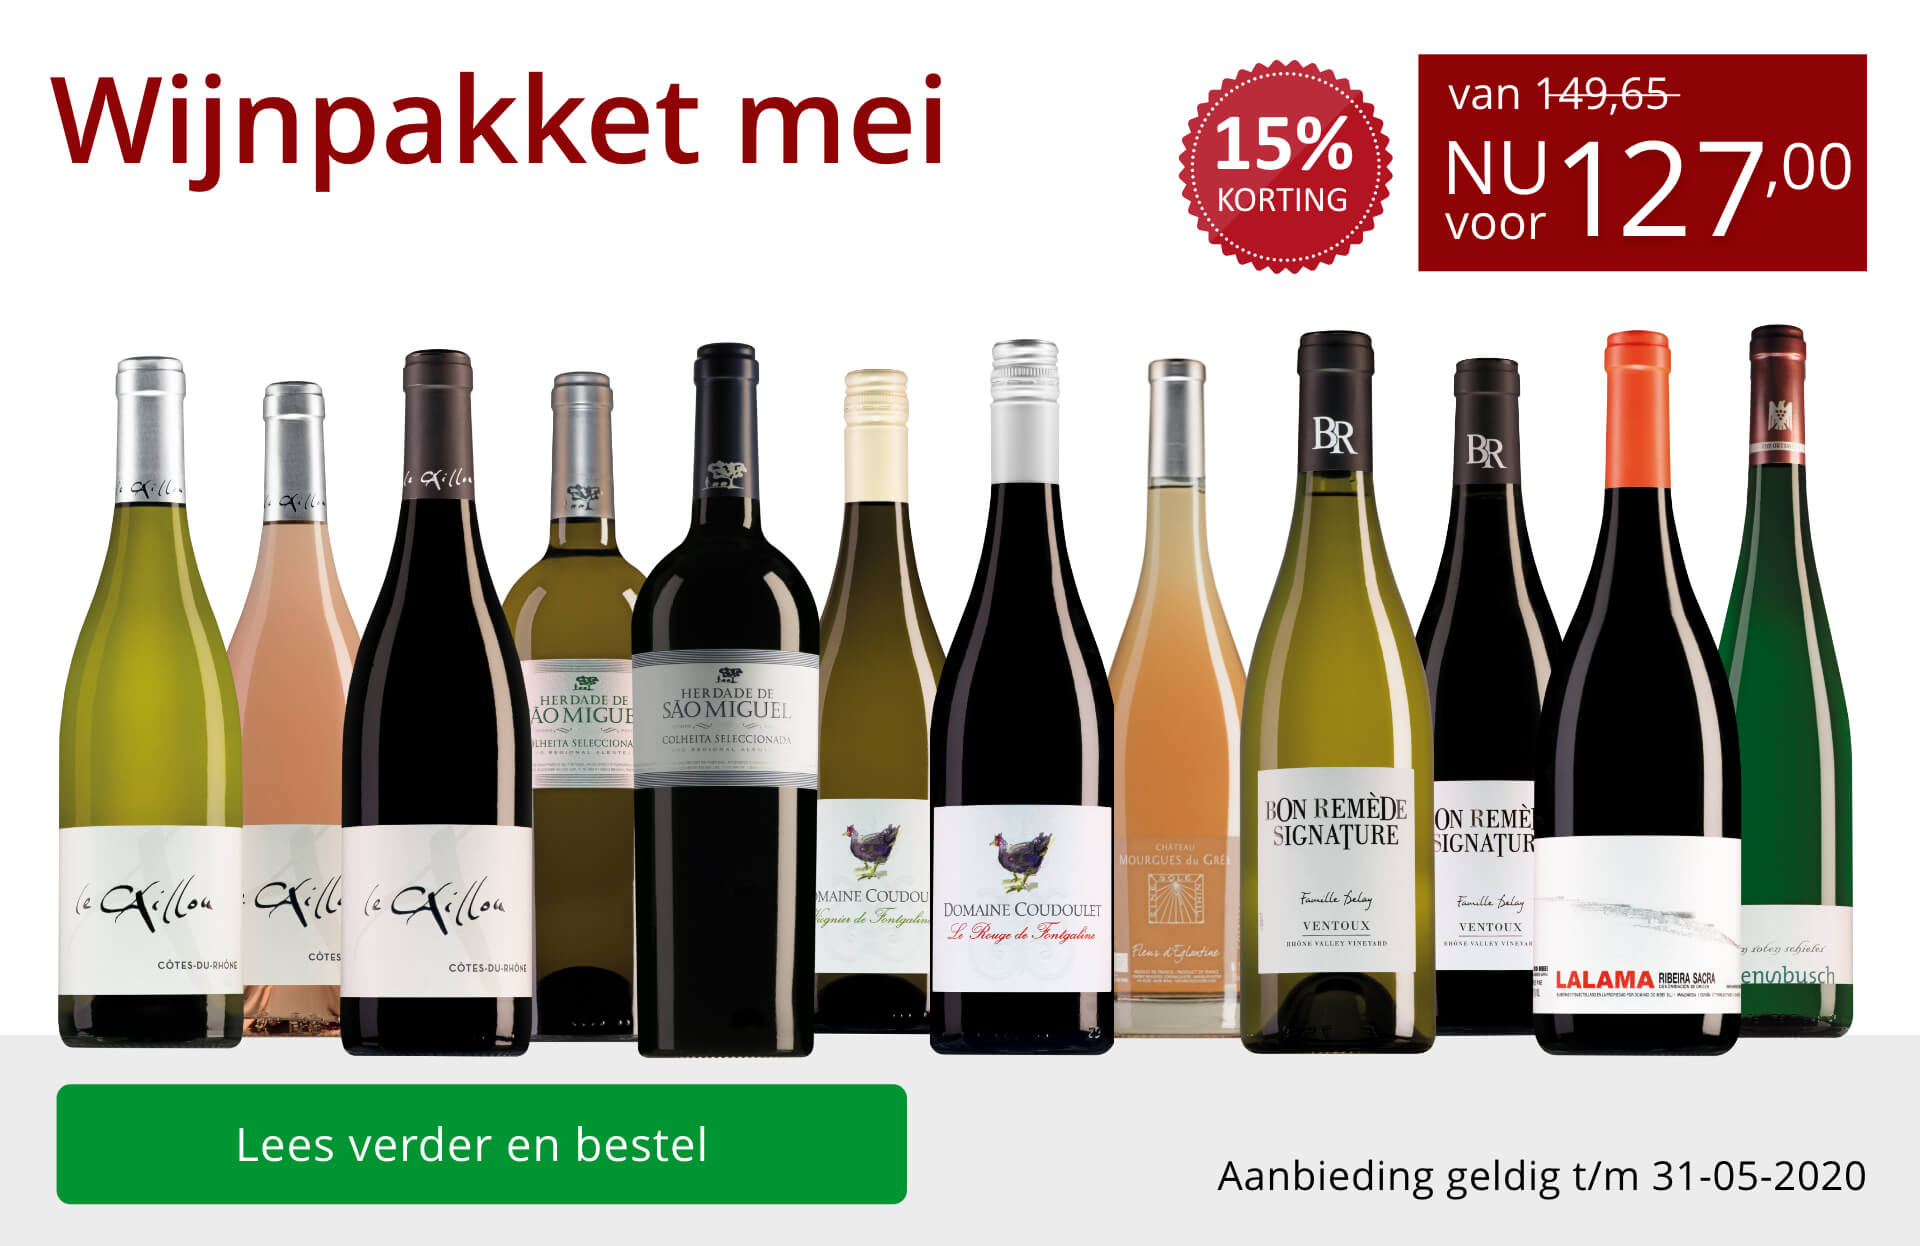 Wijnpakket wijnbericht mei 2020 (127,00) - rood